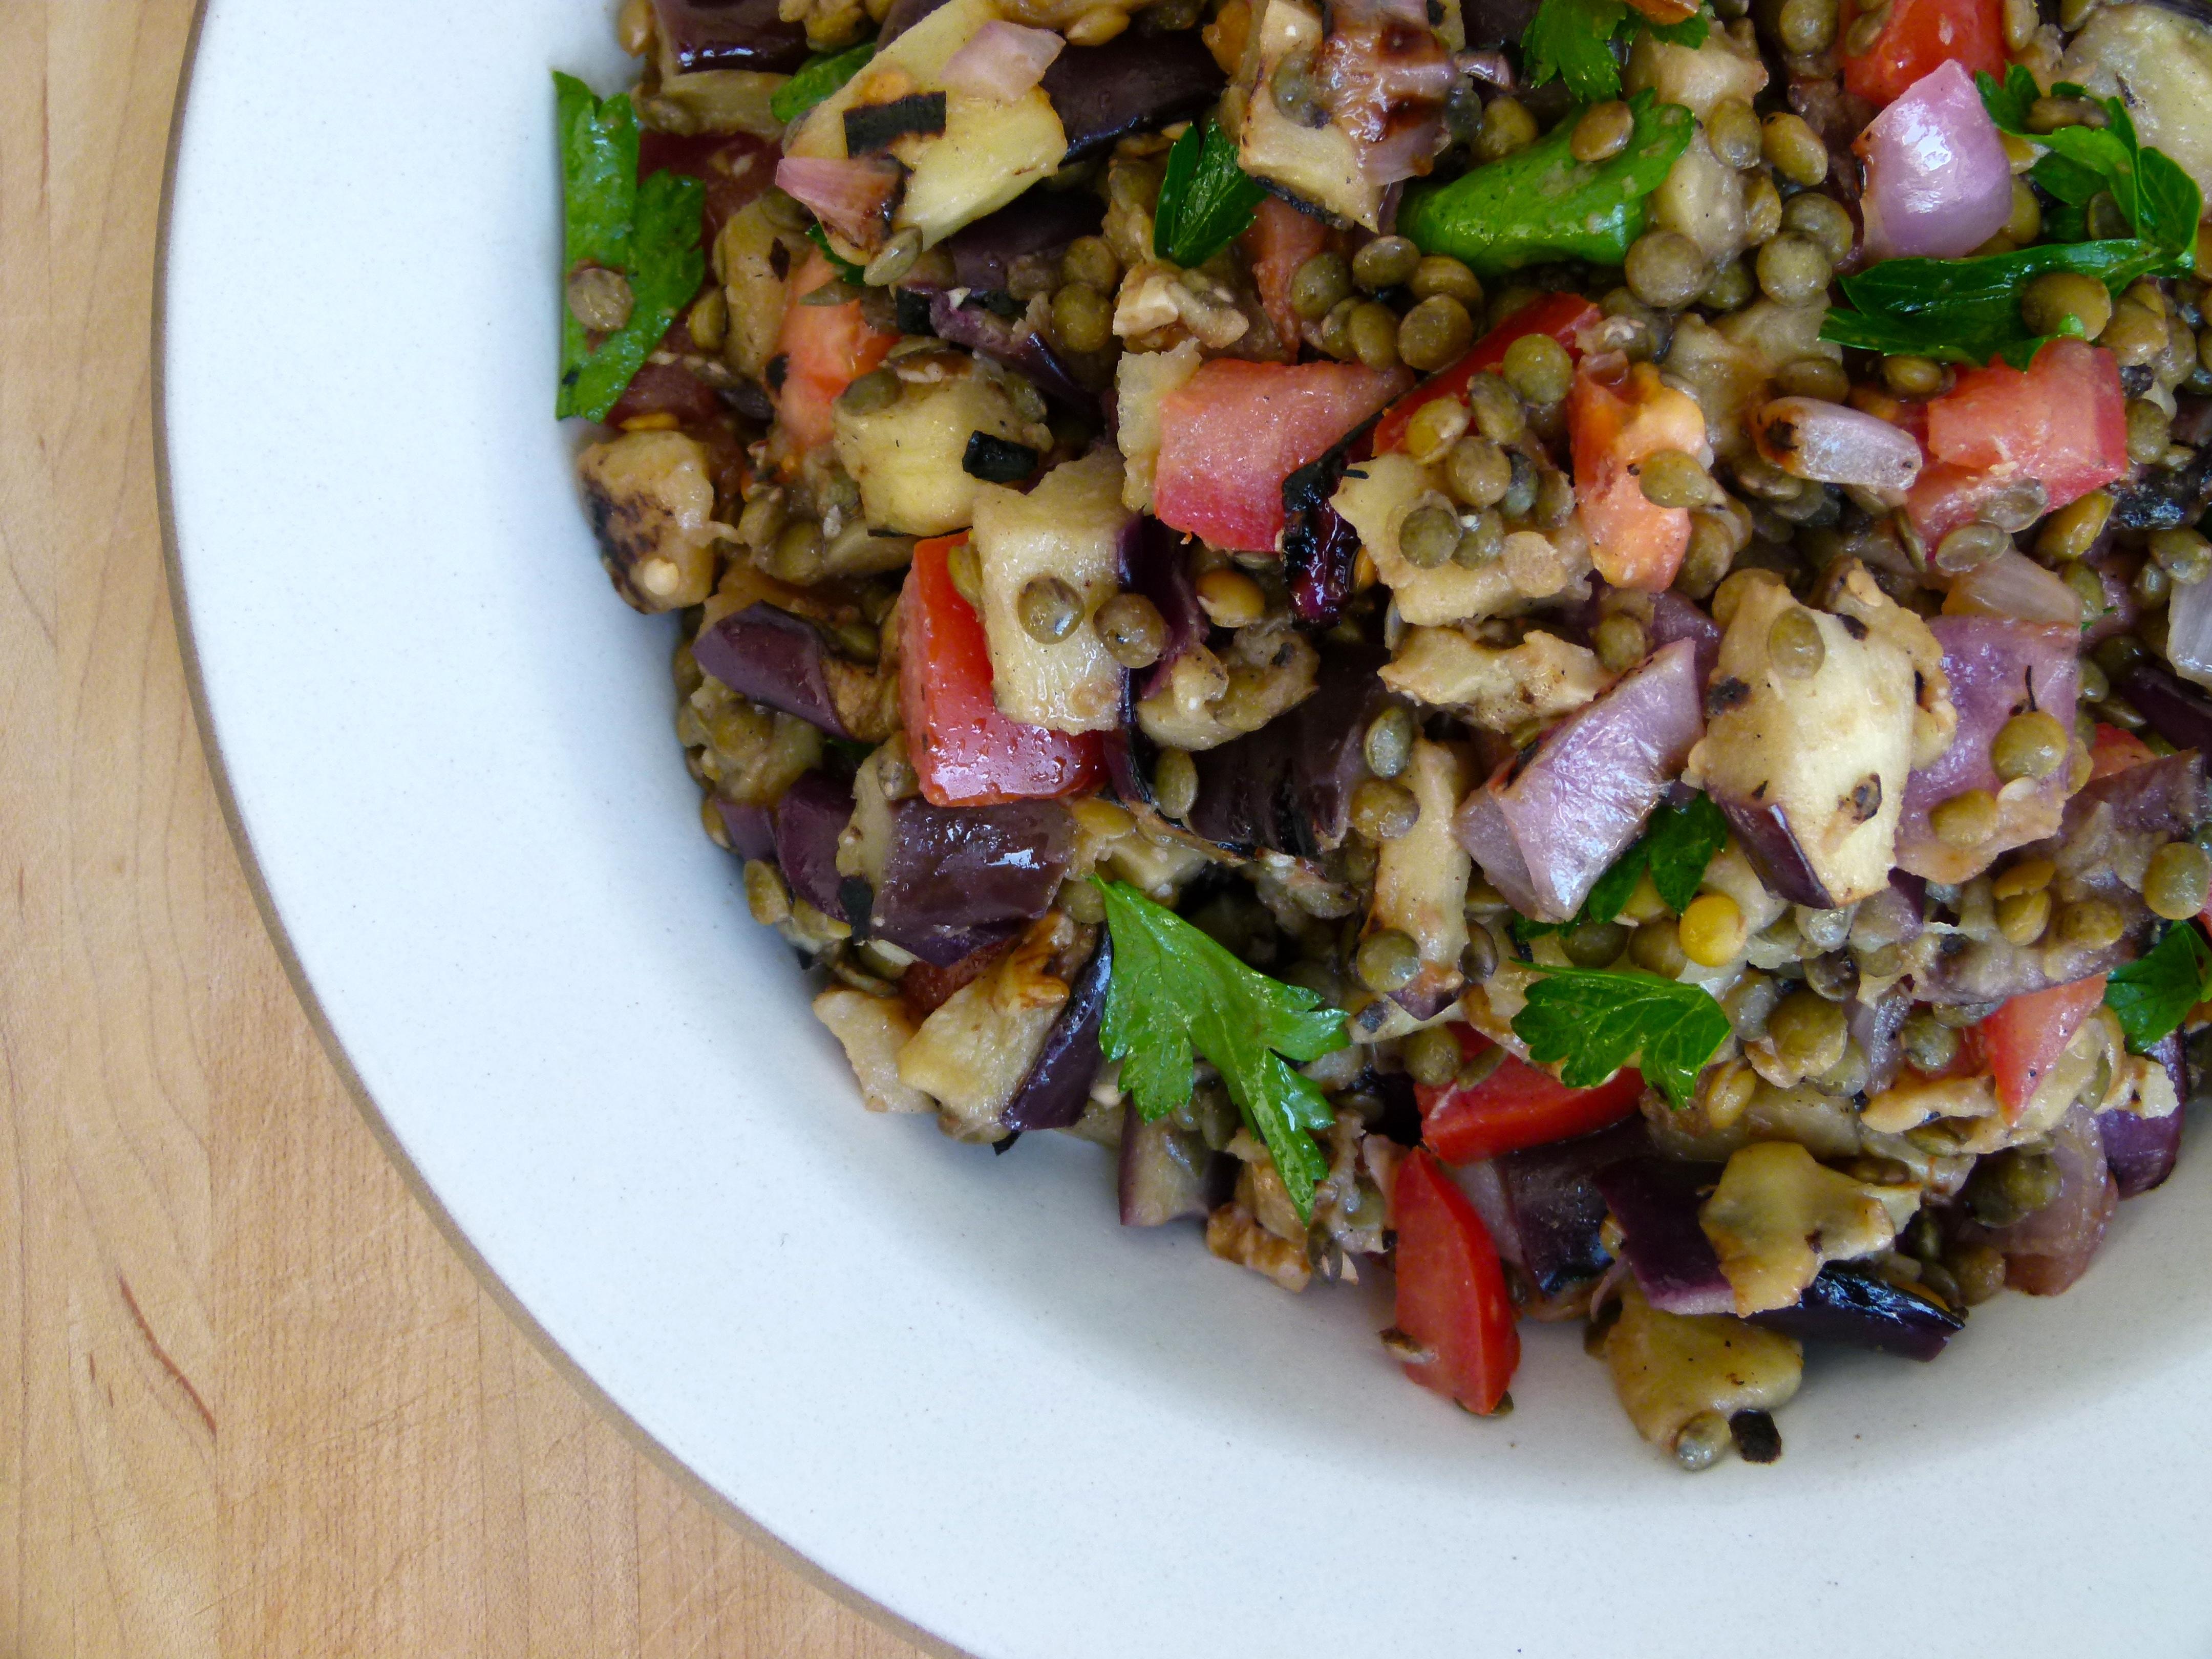 Lentil and Grilled Eggplant Salad